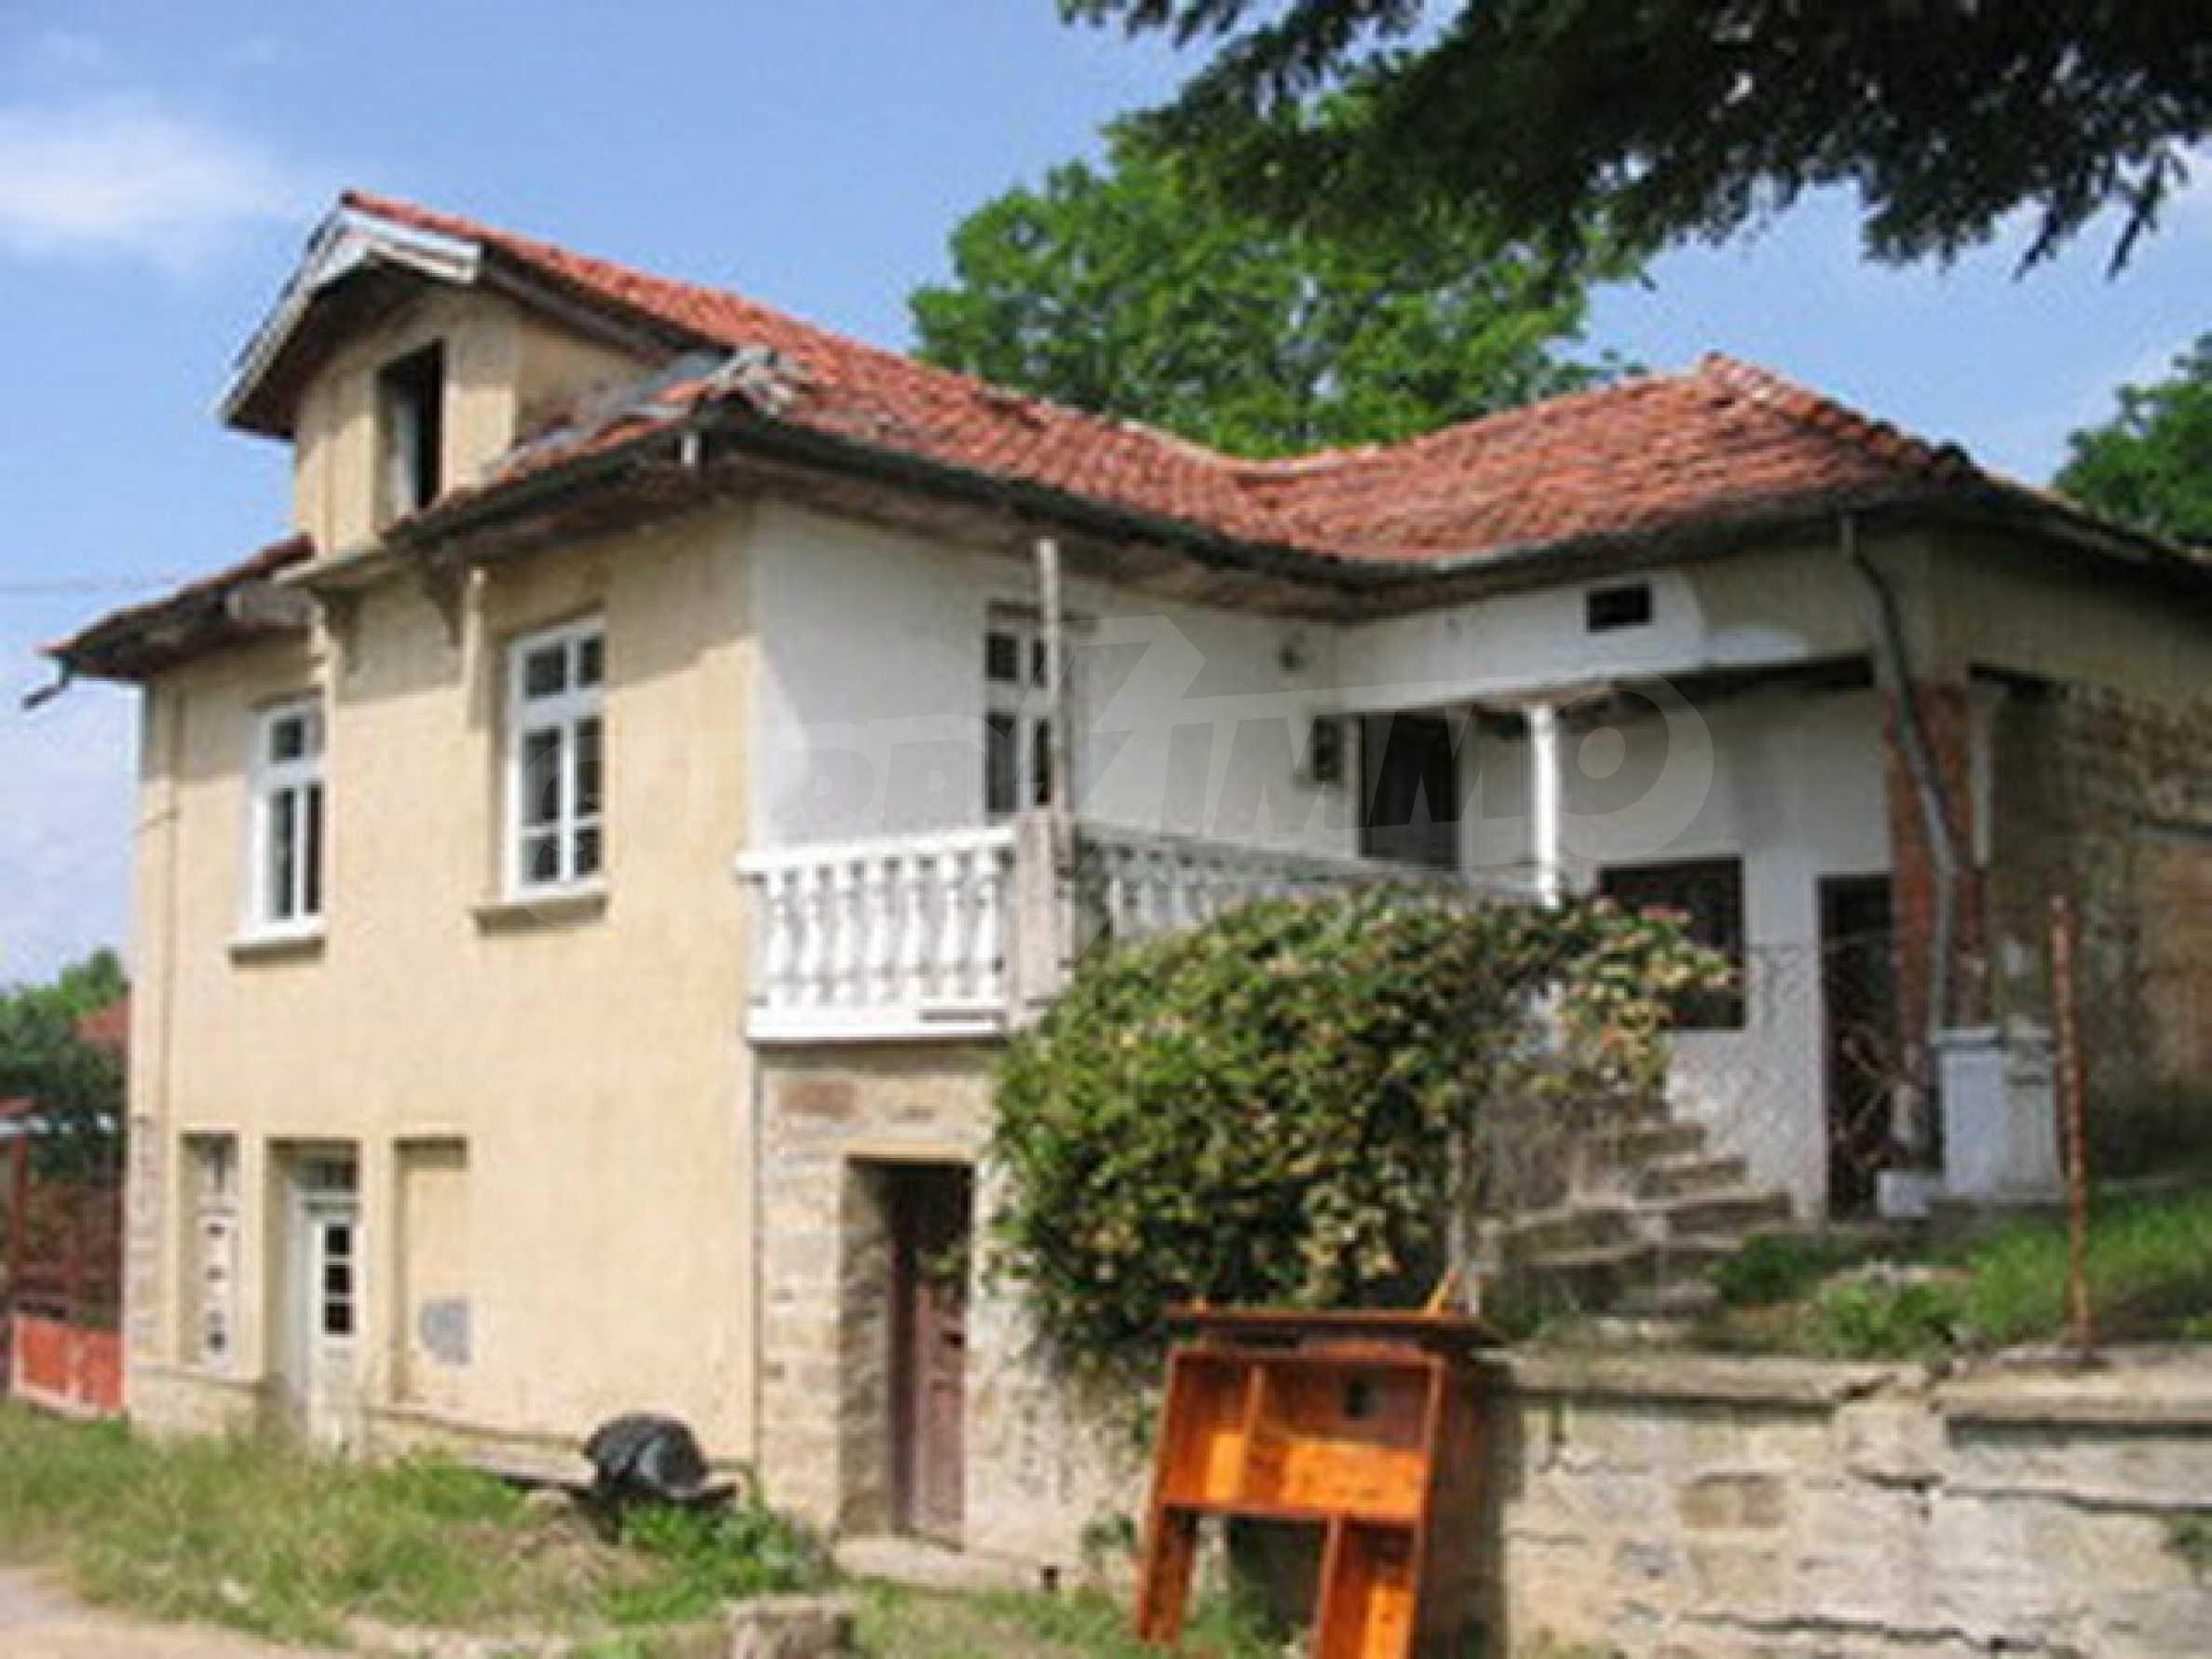 Zweistöckiges Haus in einem Dorf in der Nähe von Lovech 14